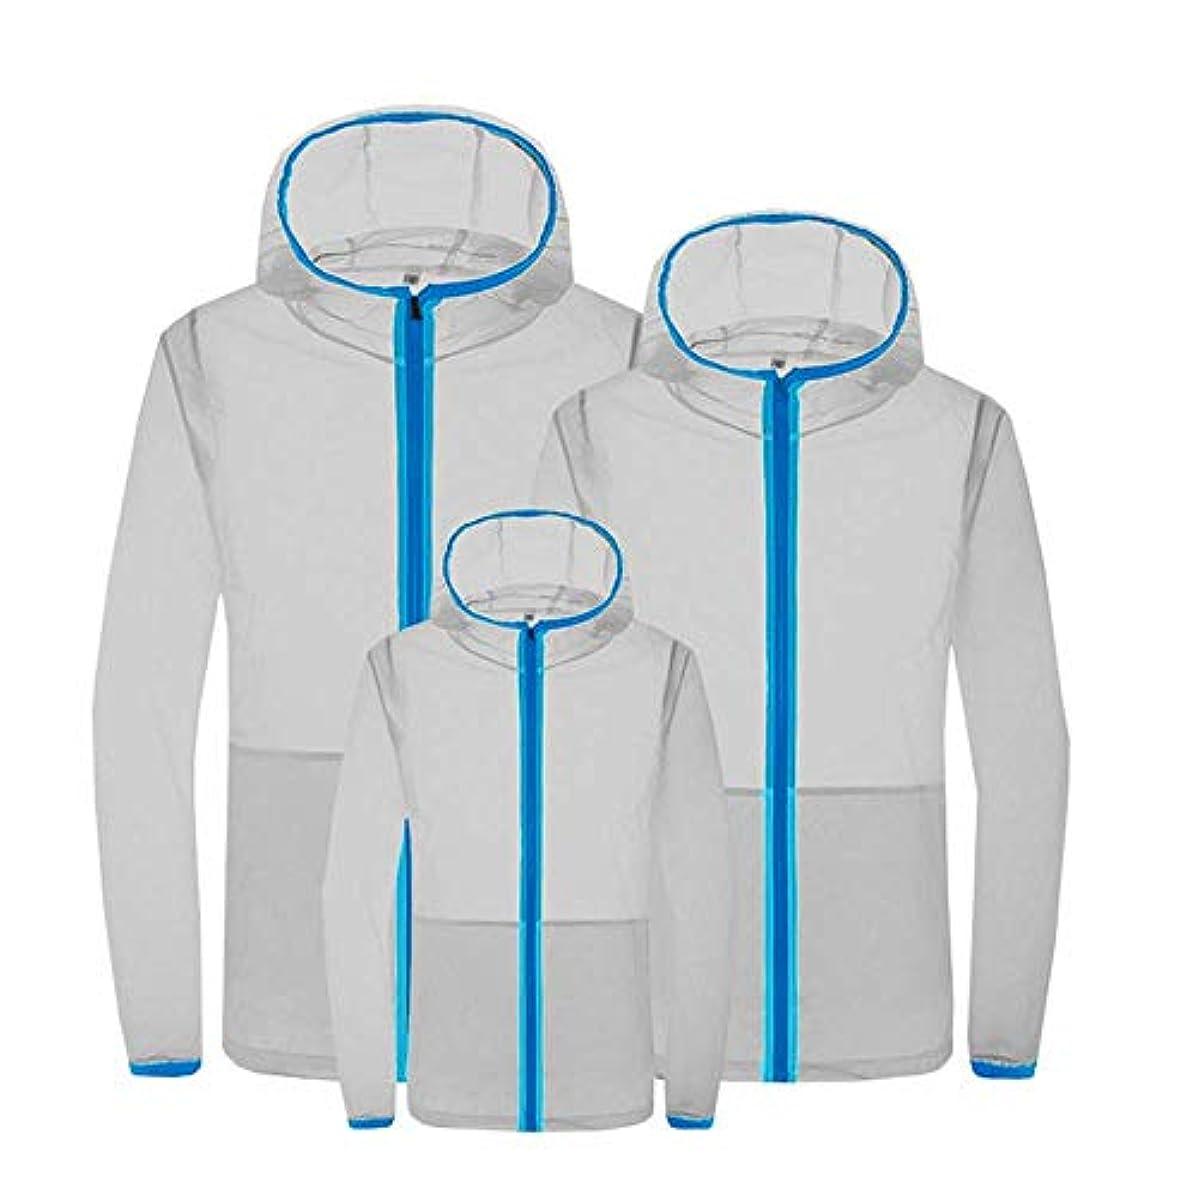 太陽インフルエンザ唯一夏のエアコンスーツスマート3速冷却スーツ日焼け防止服防滴防蚊服ファン冷却肌の服,Gray,S